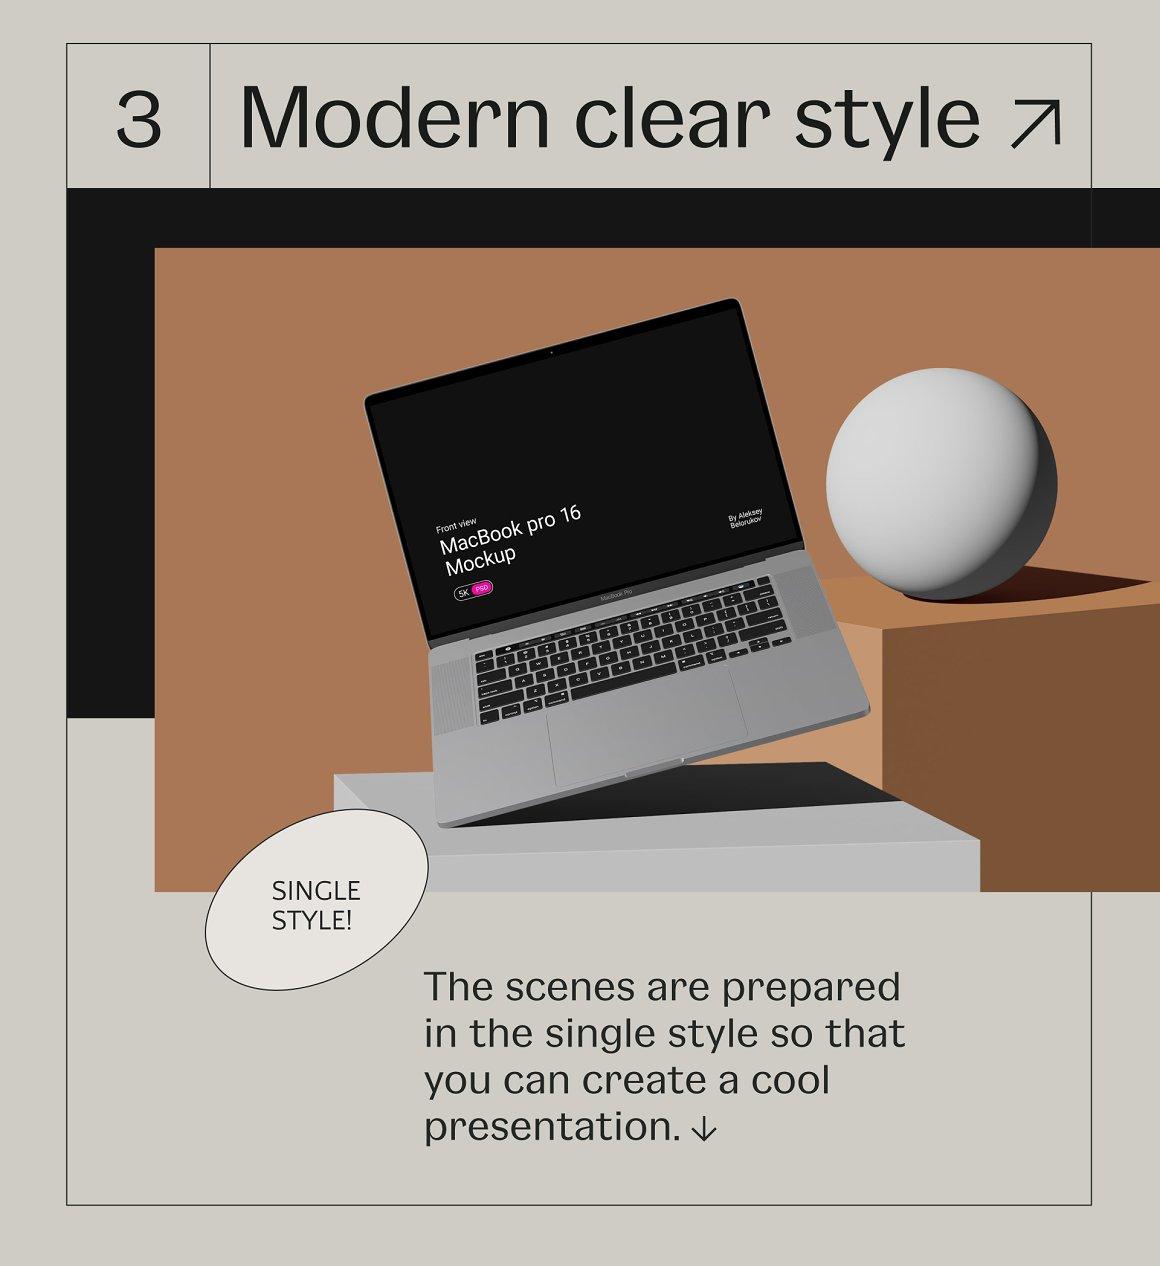 [单独购买] 15个超清前视图网页APP界面设计苹果设备屏幕演示样机 Device Pack Mockups – Front View插图14